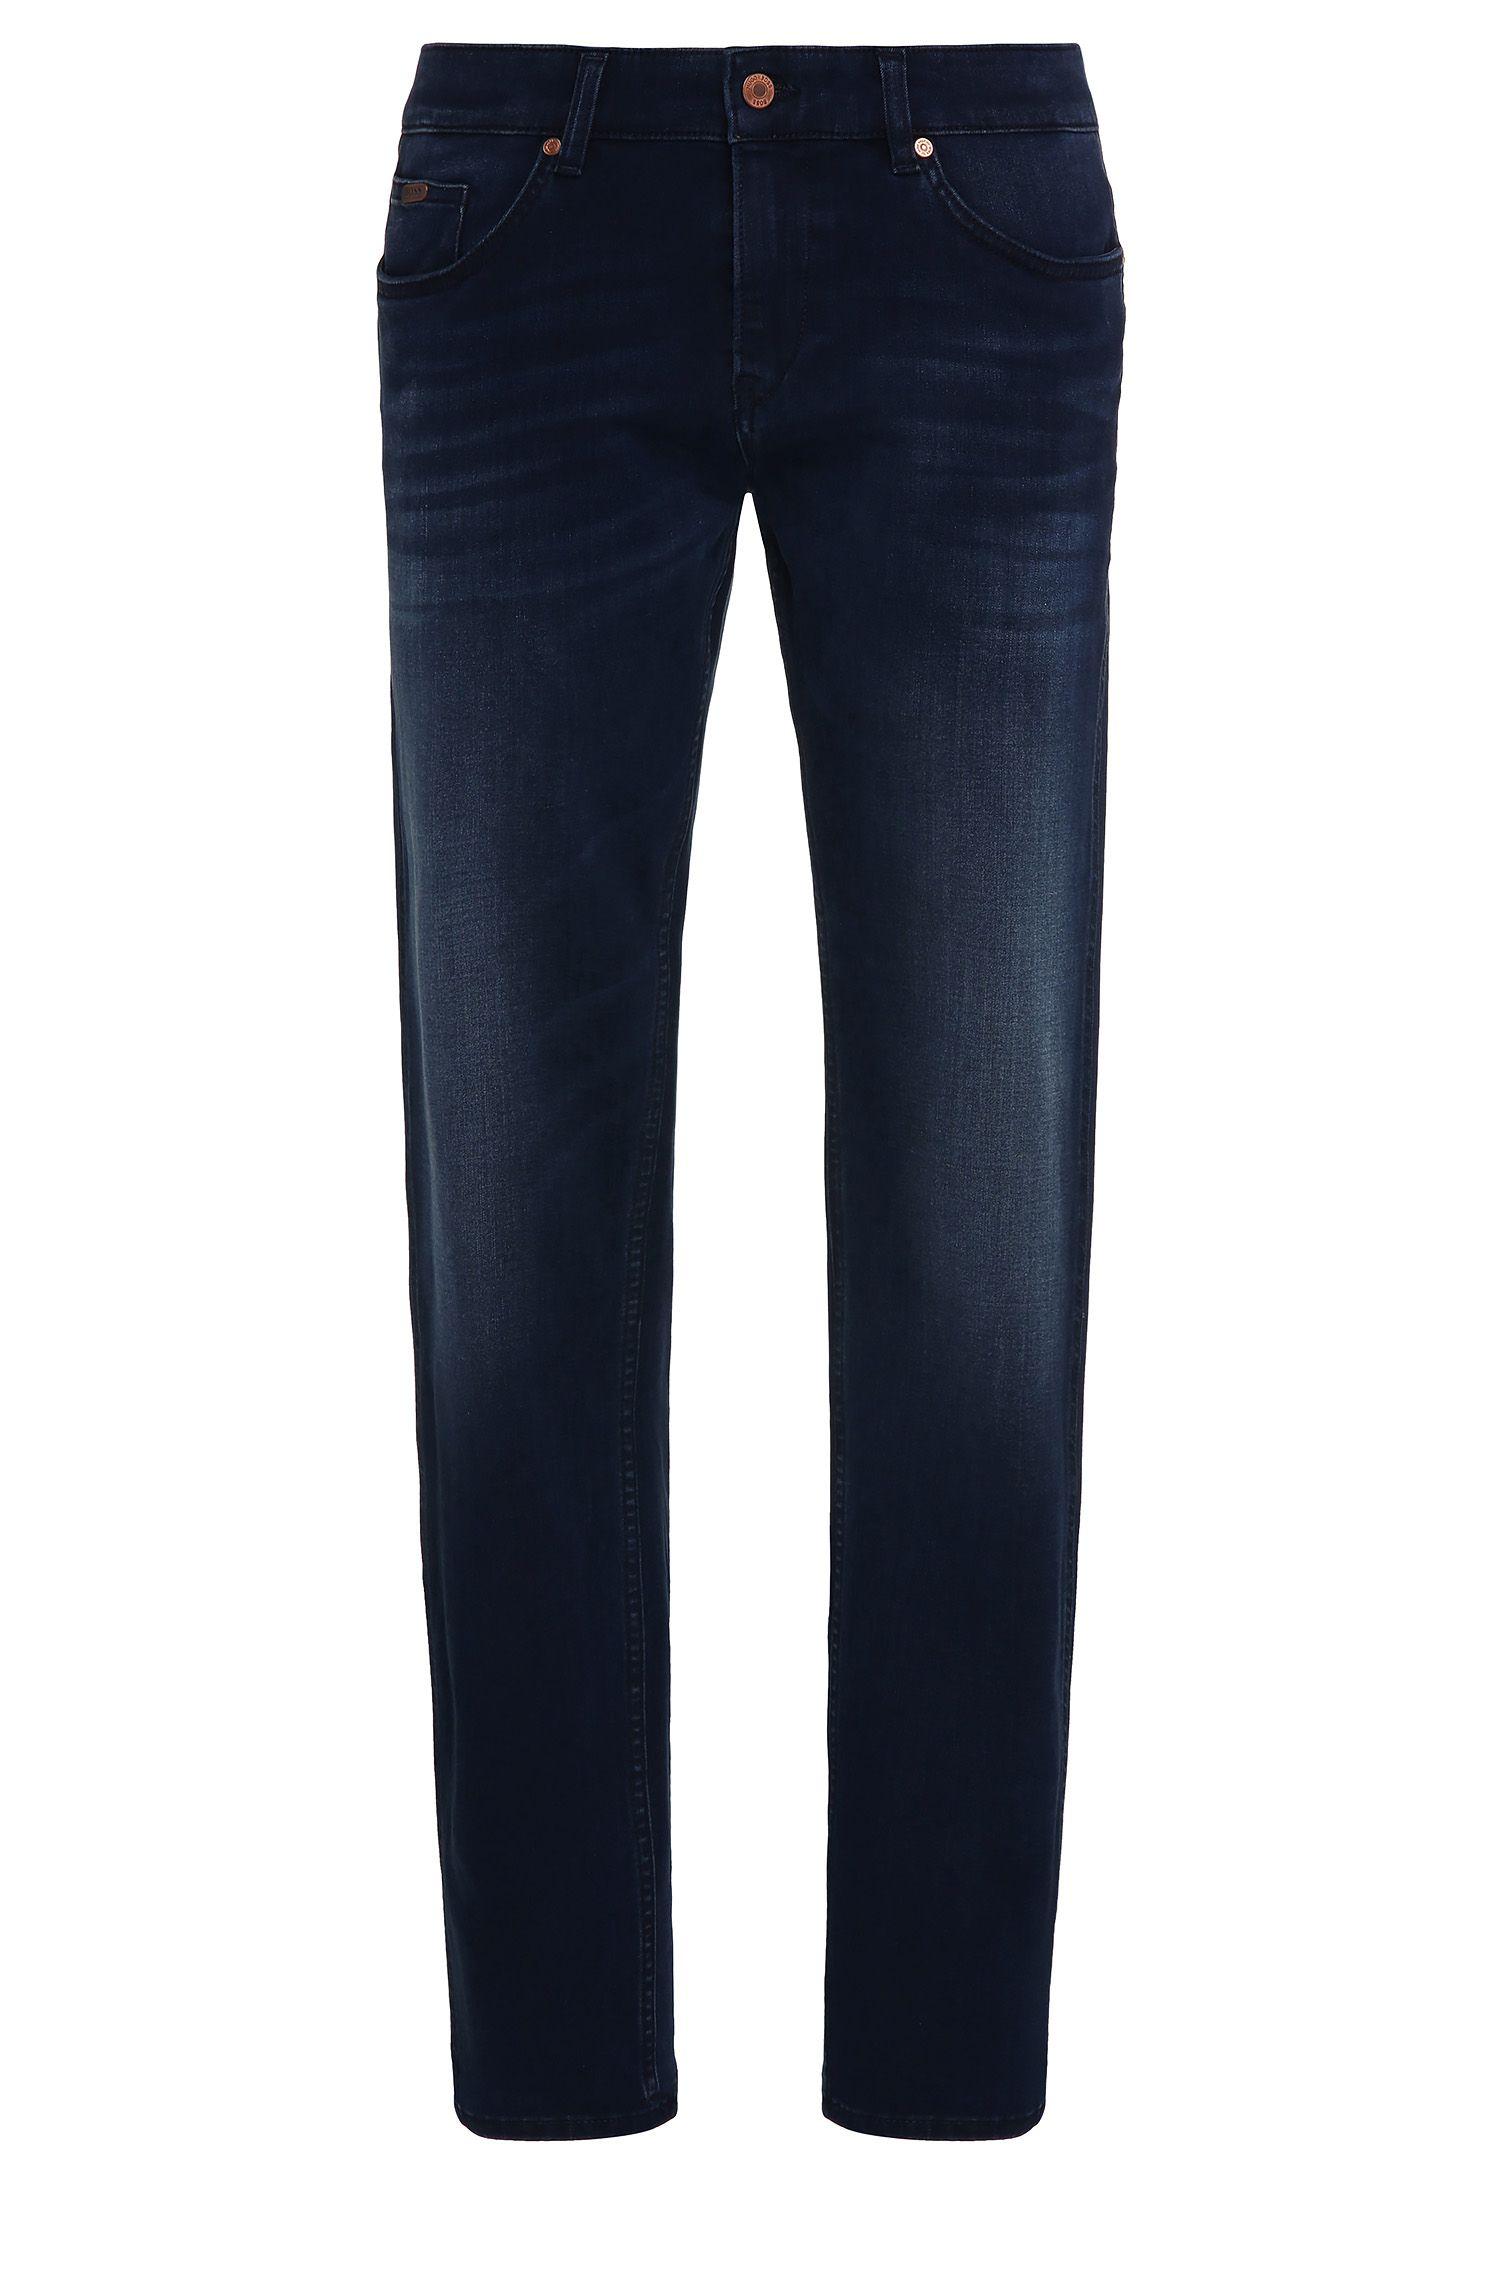 Jeans Slim Fit aux effets délavés en coton stretch mélangé à du modal: «C-Delaware1-200»